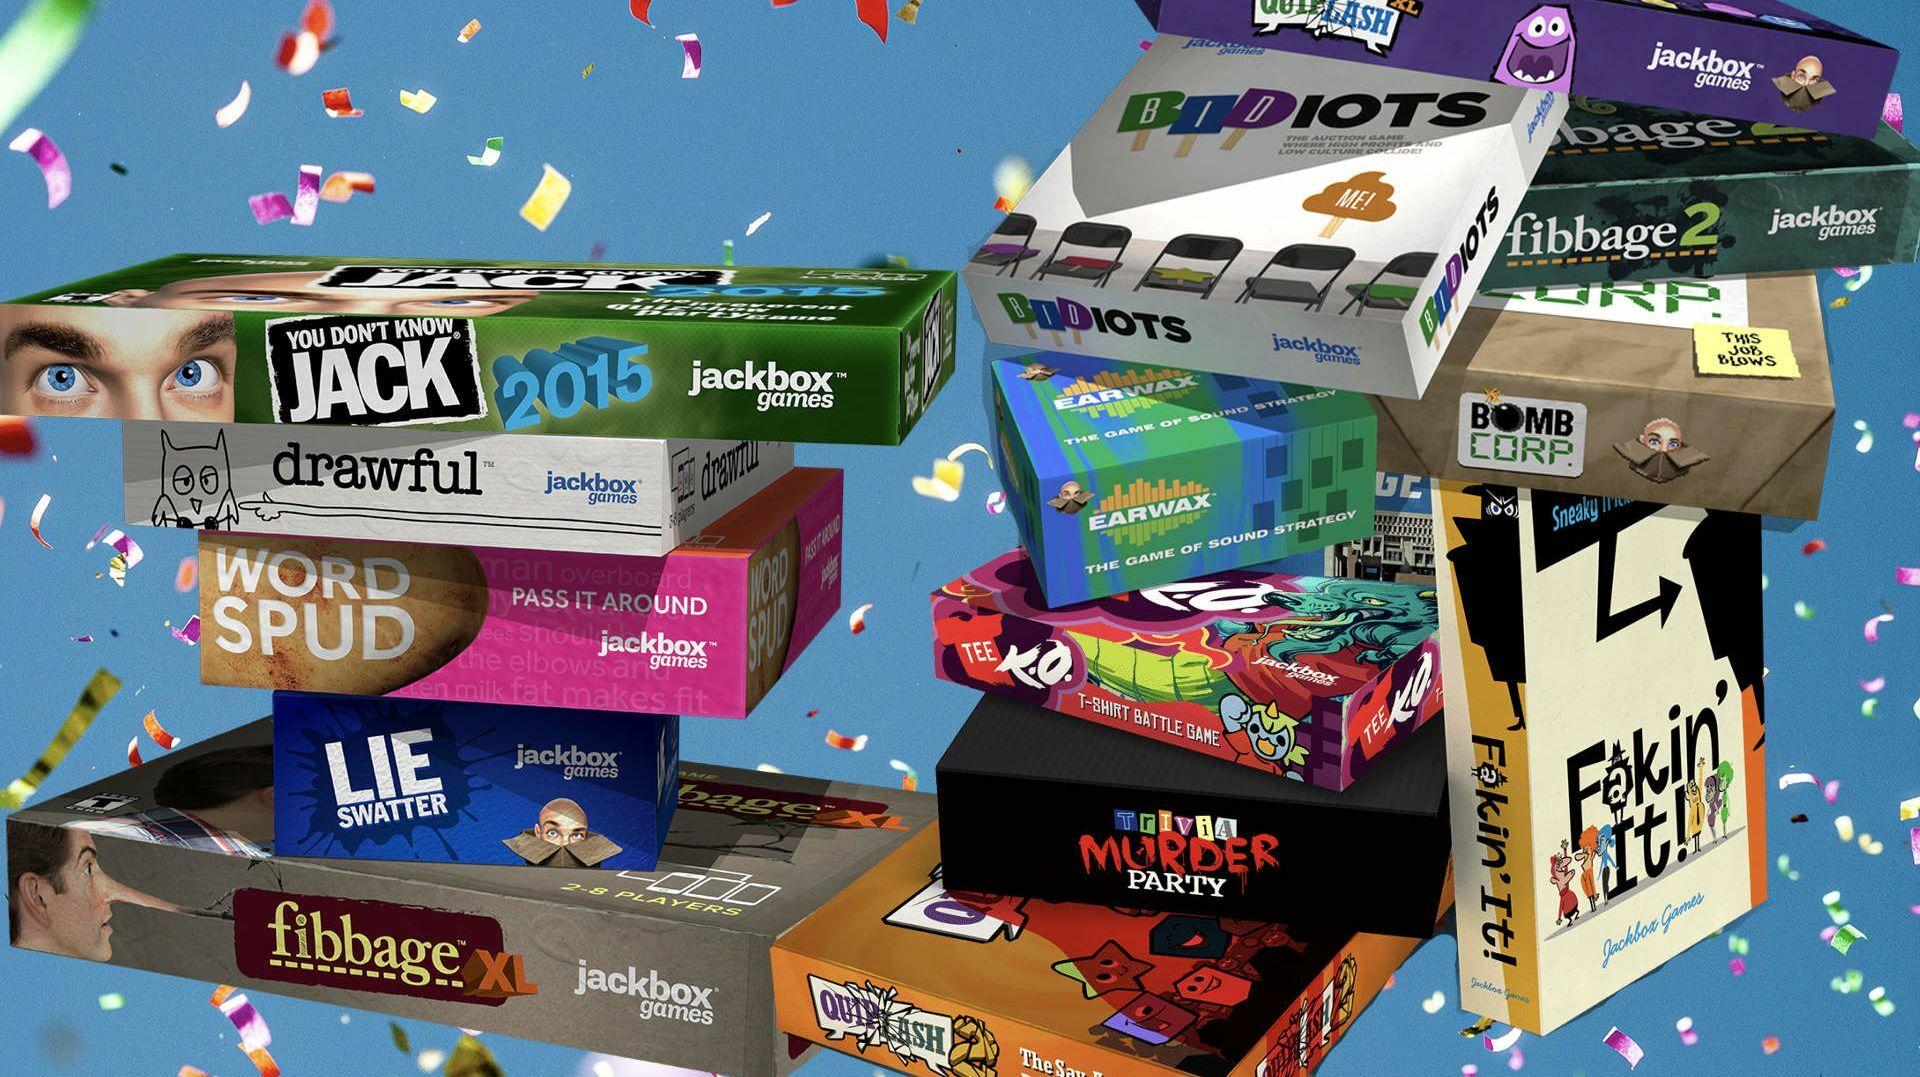 Jackbox Games - Online